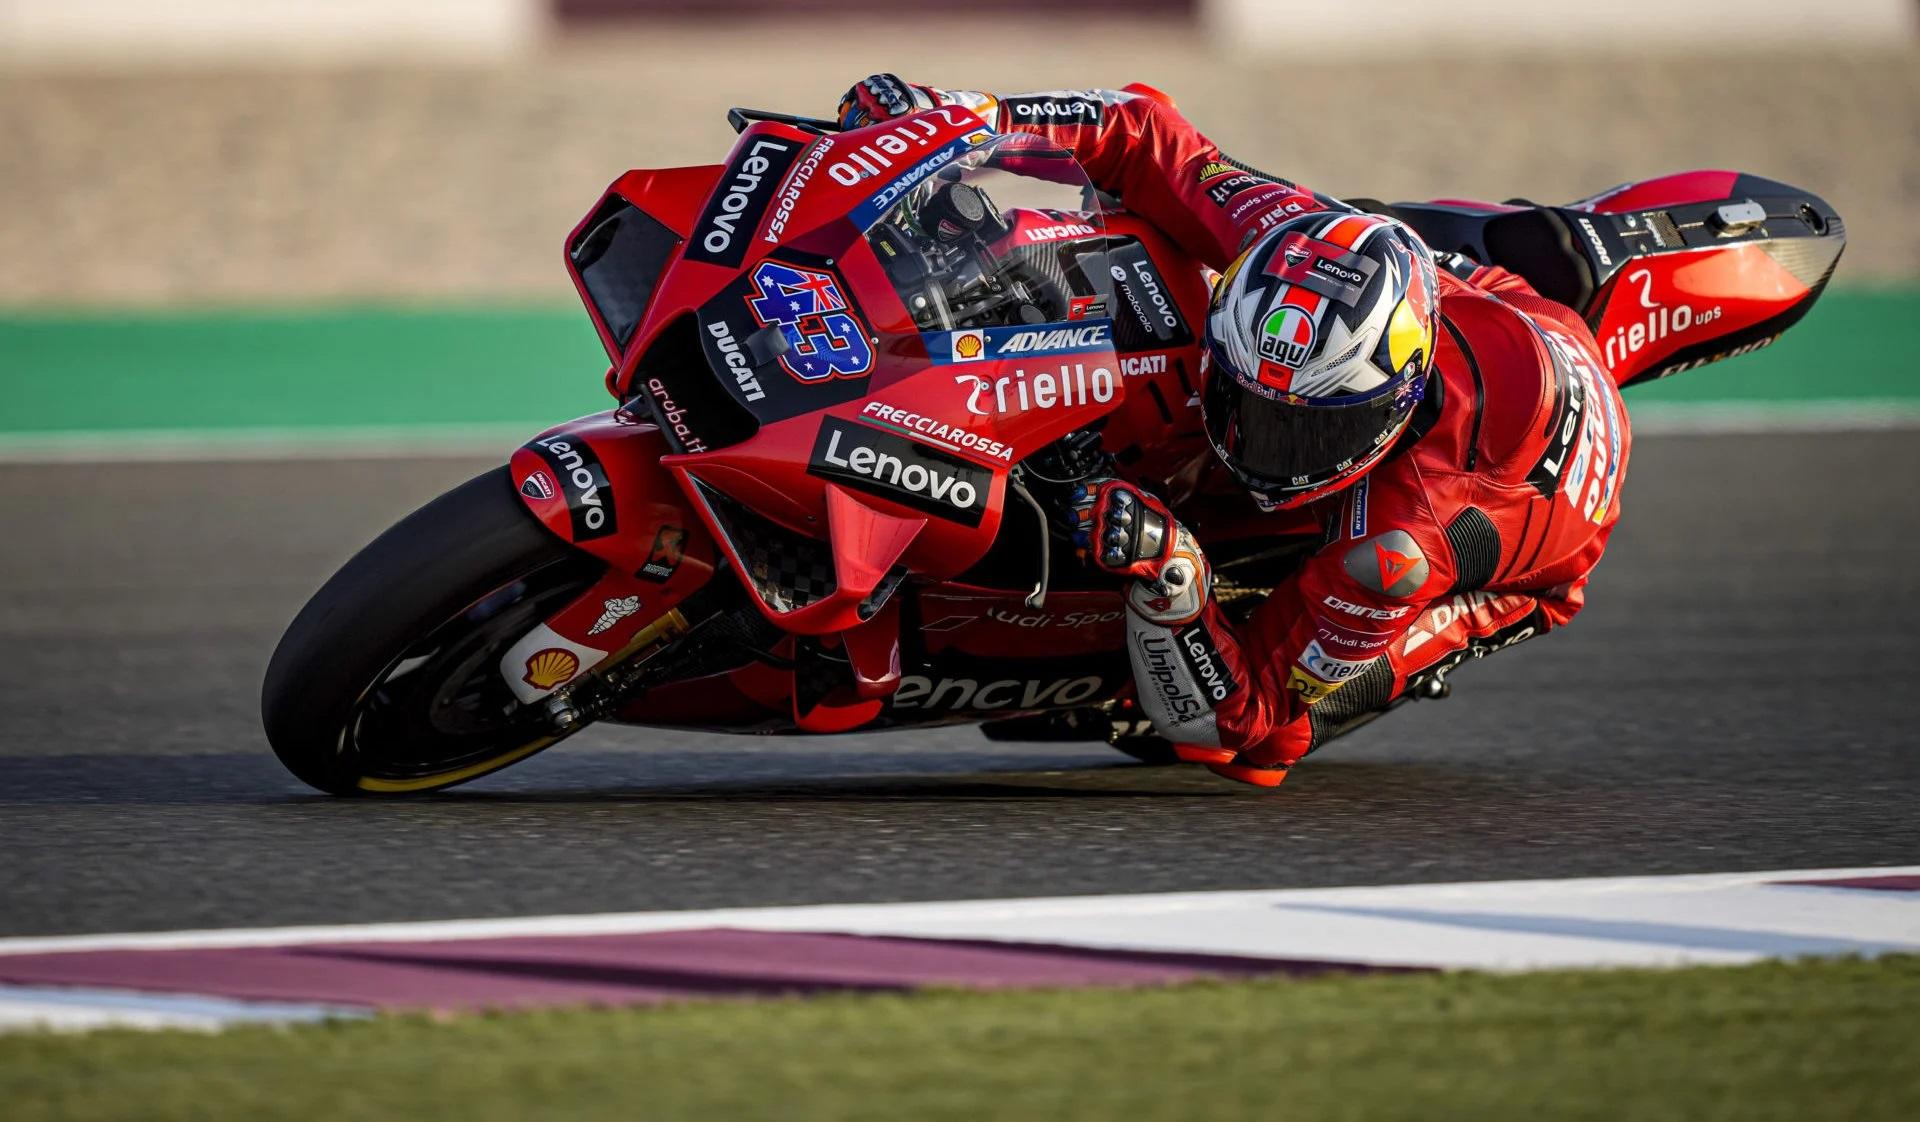 Jack Miller Juara MotoGP Prancis